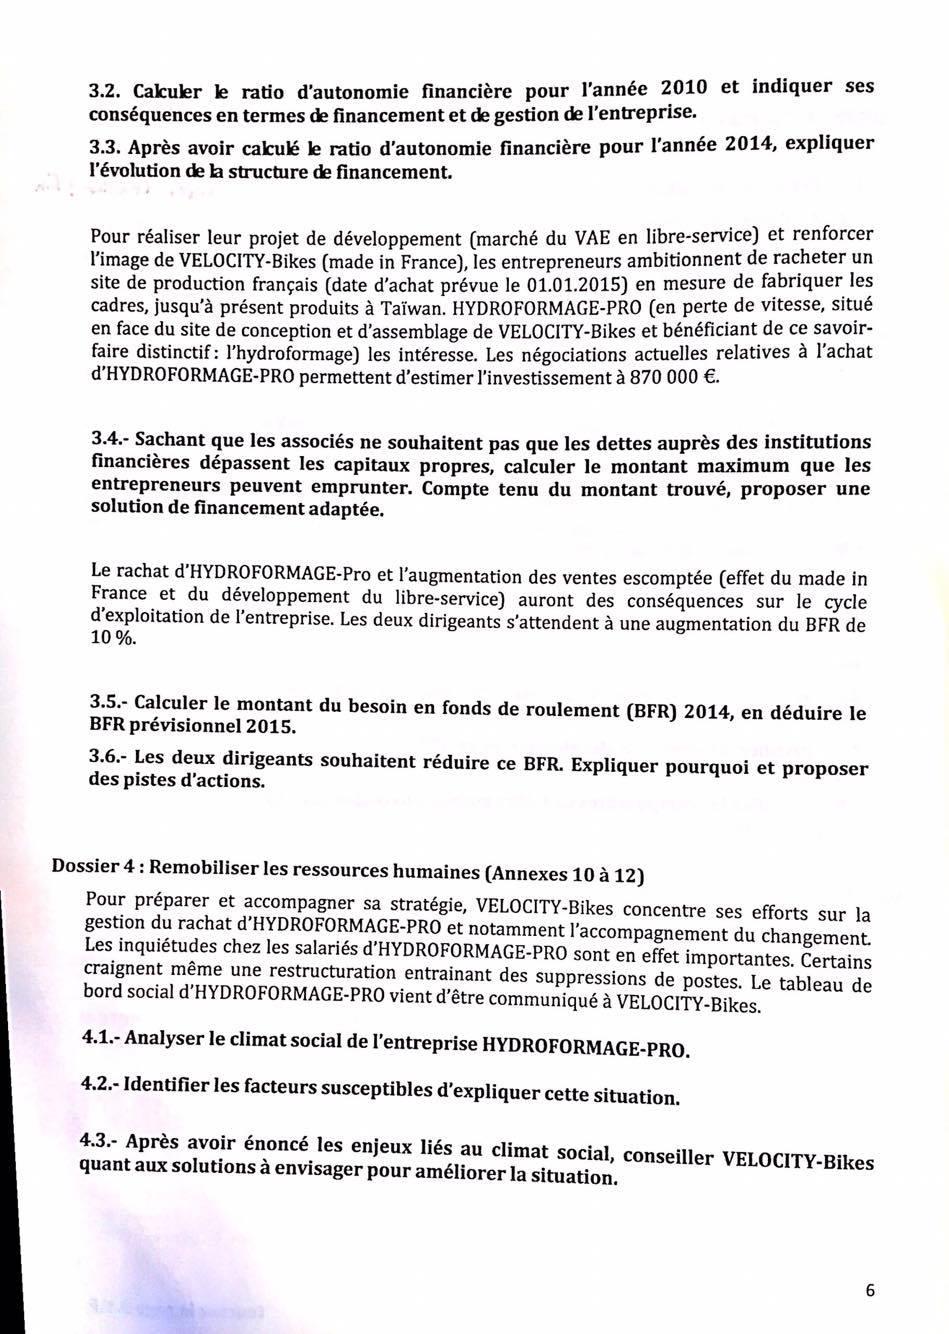 Management-Gestion EM Strasbourg - Page 6